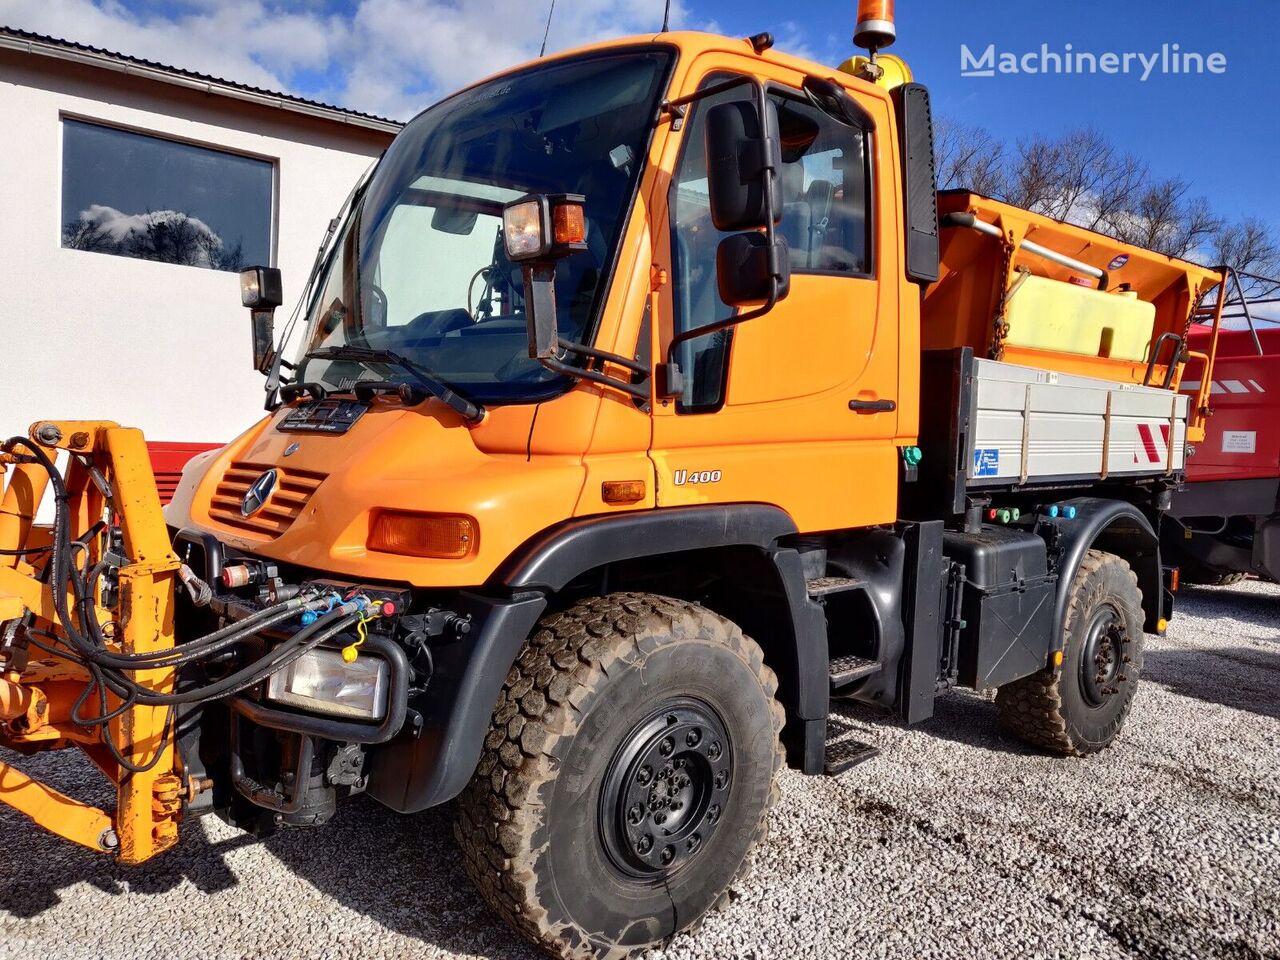 MERCEDES-BENZ  Unimog U400 Vario Hydrostatantrieb Winterdienst snow removal machine